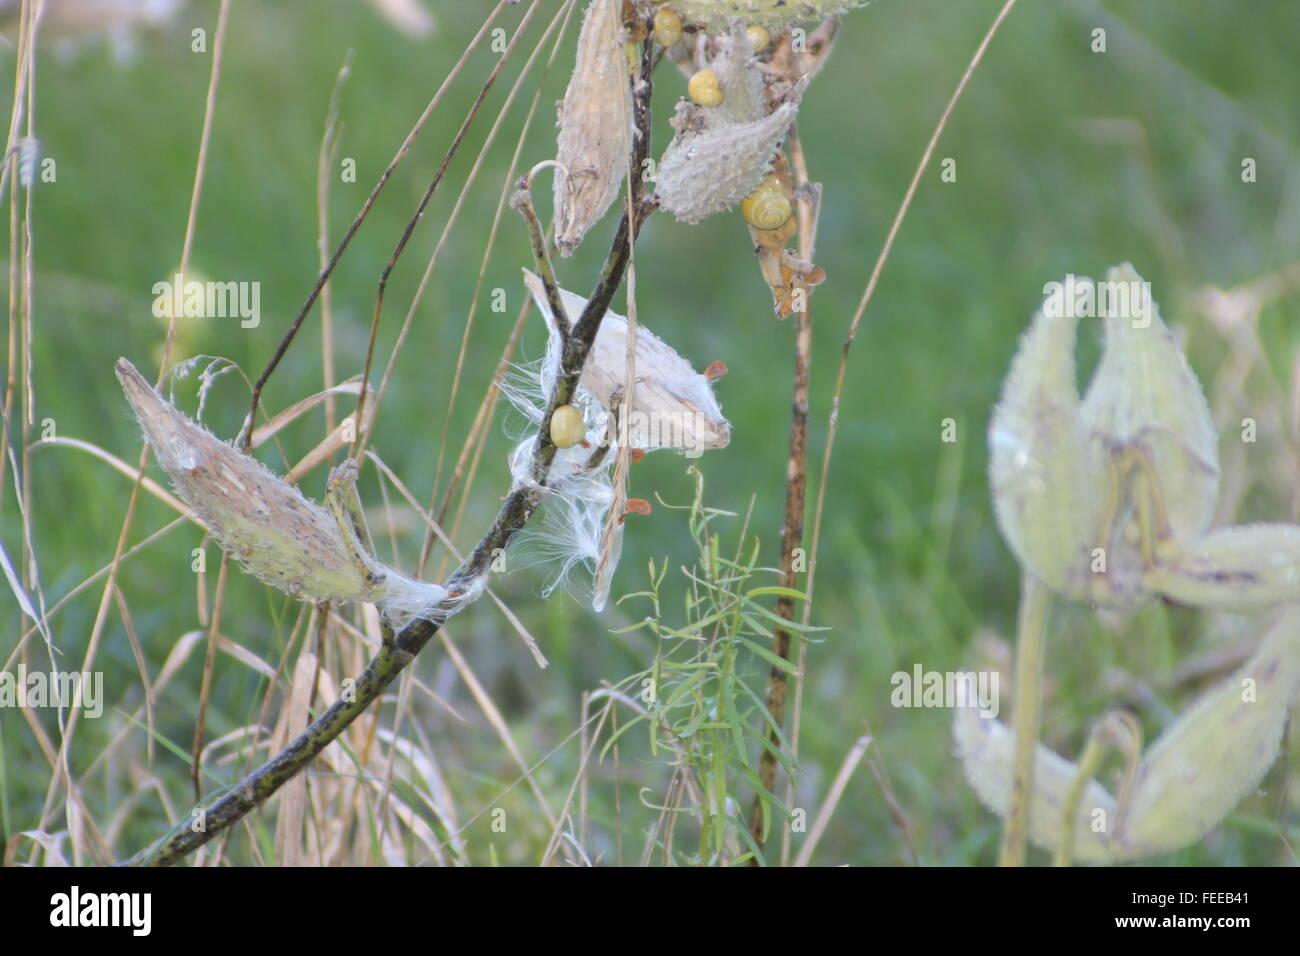 La levetta essiccato e capsule di seme di una pianta milkweed